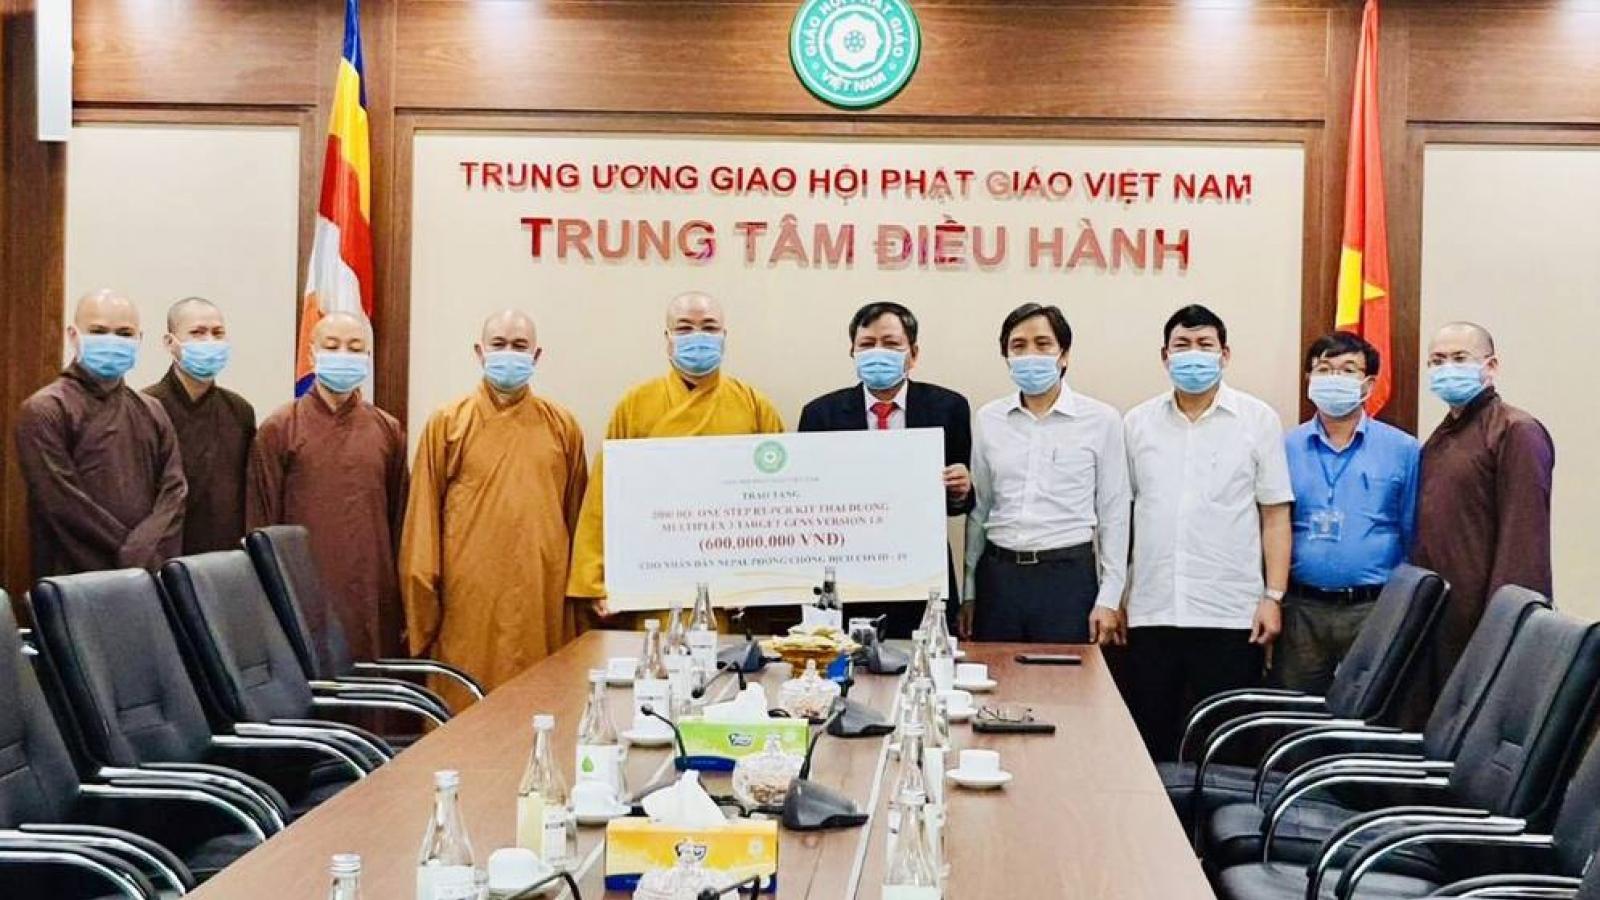 Giáo hội Phật giáo Việt Nam trao tặng Nepal 2.000 bộ kít thử COVID-19